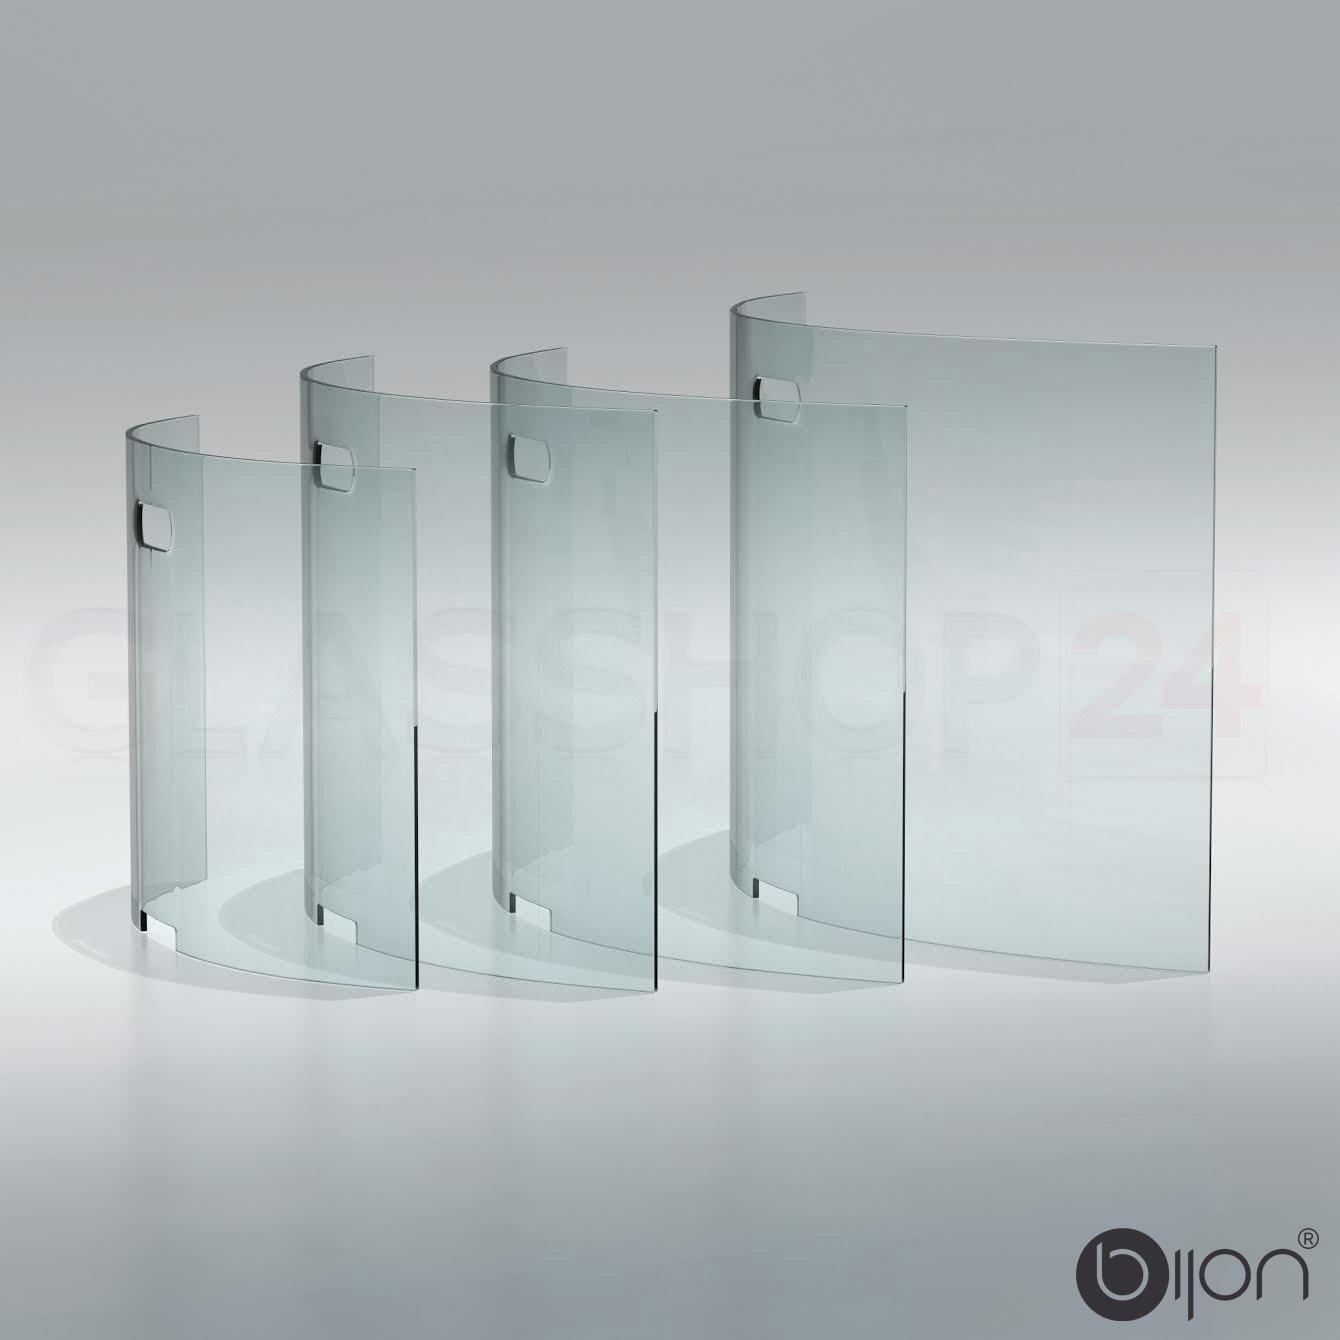 Glasshop24 bijon® Kamin Ofen Glas Funkenschutzgitter Funkenschutz Schutzgitter   95x55x21cm (BxHxT)